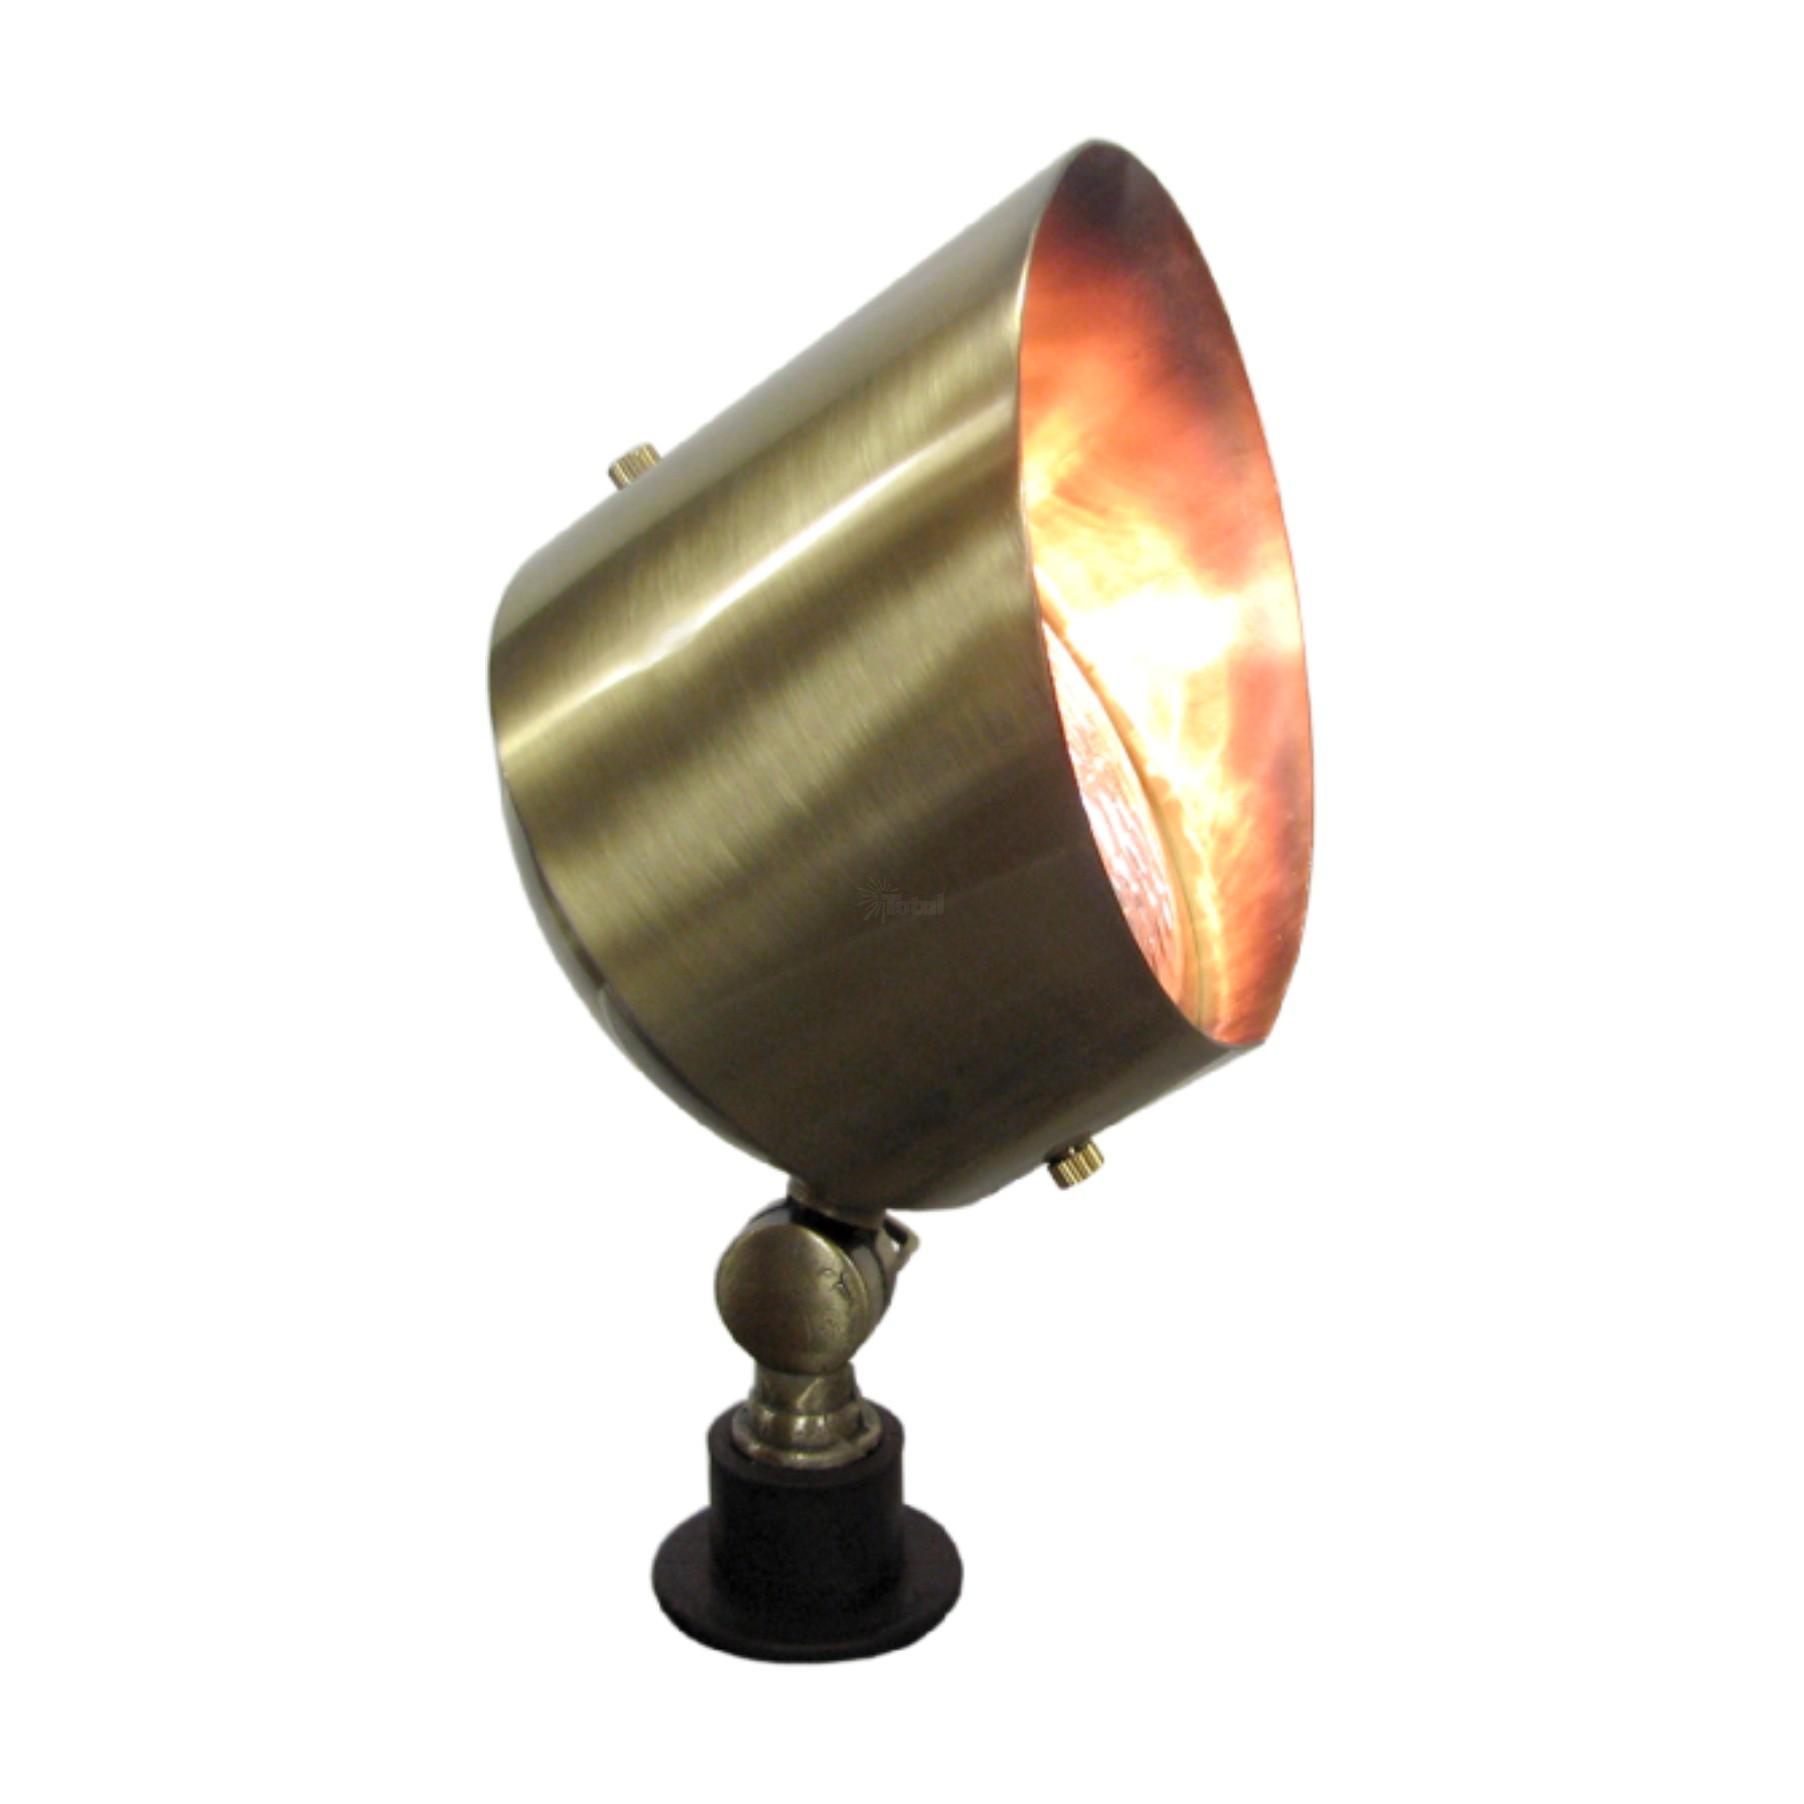 Landscape lighting par36 low voltage spot aloadofball Choice Image